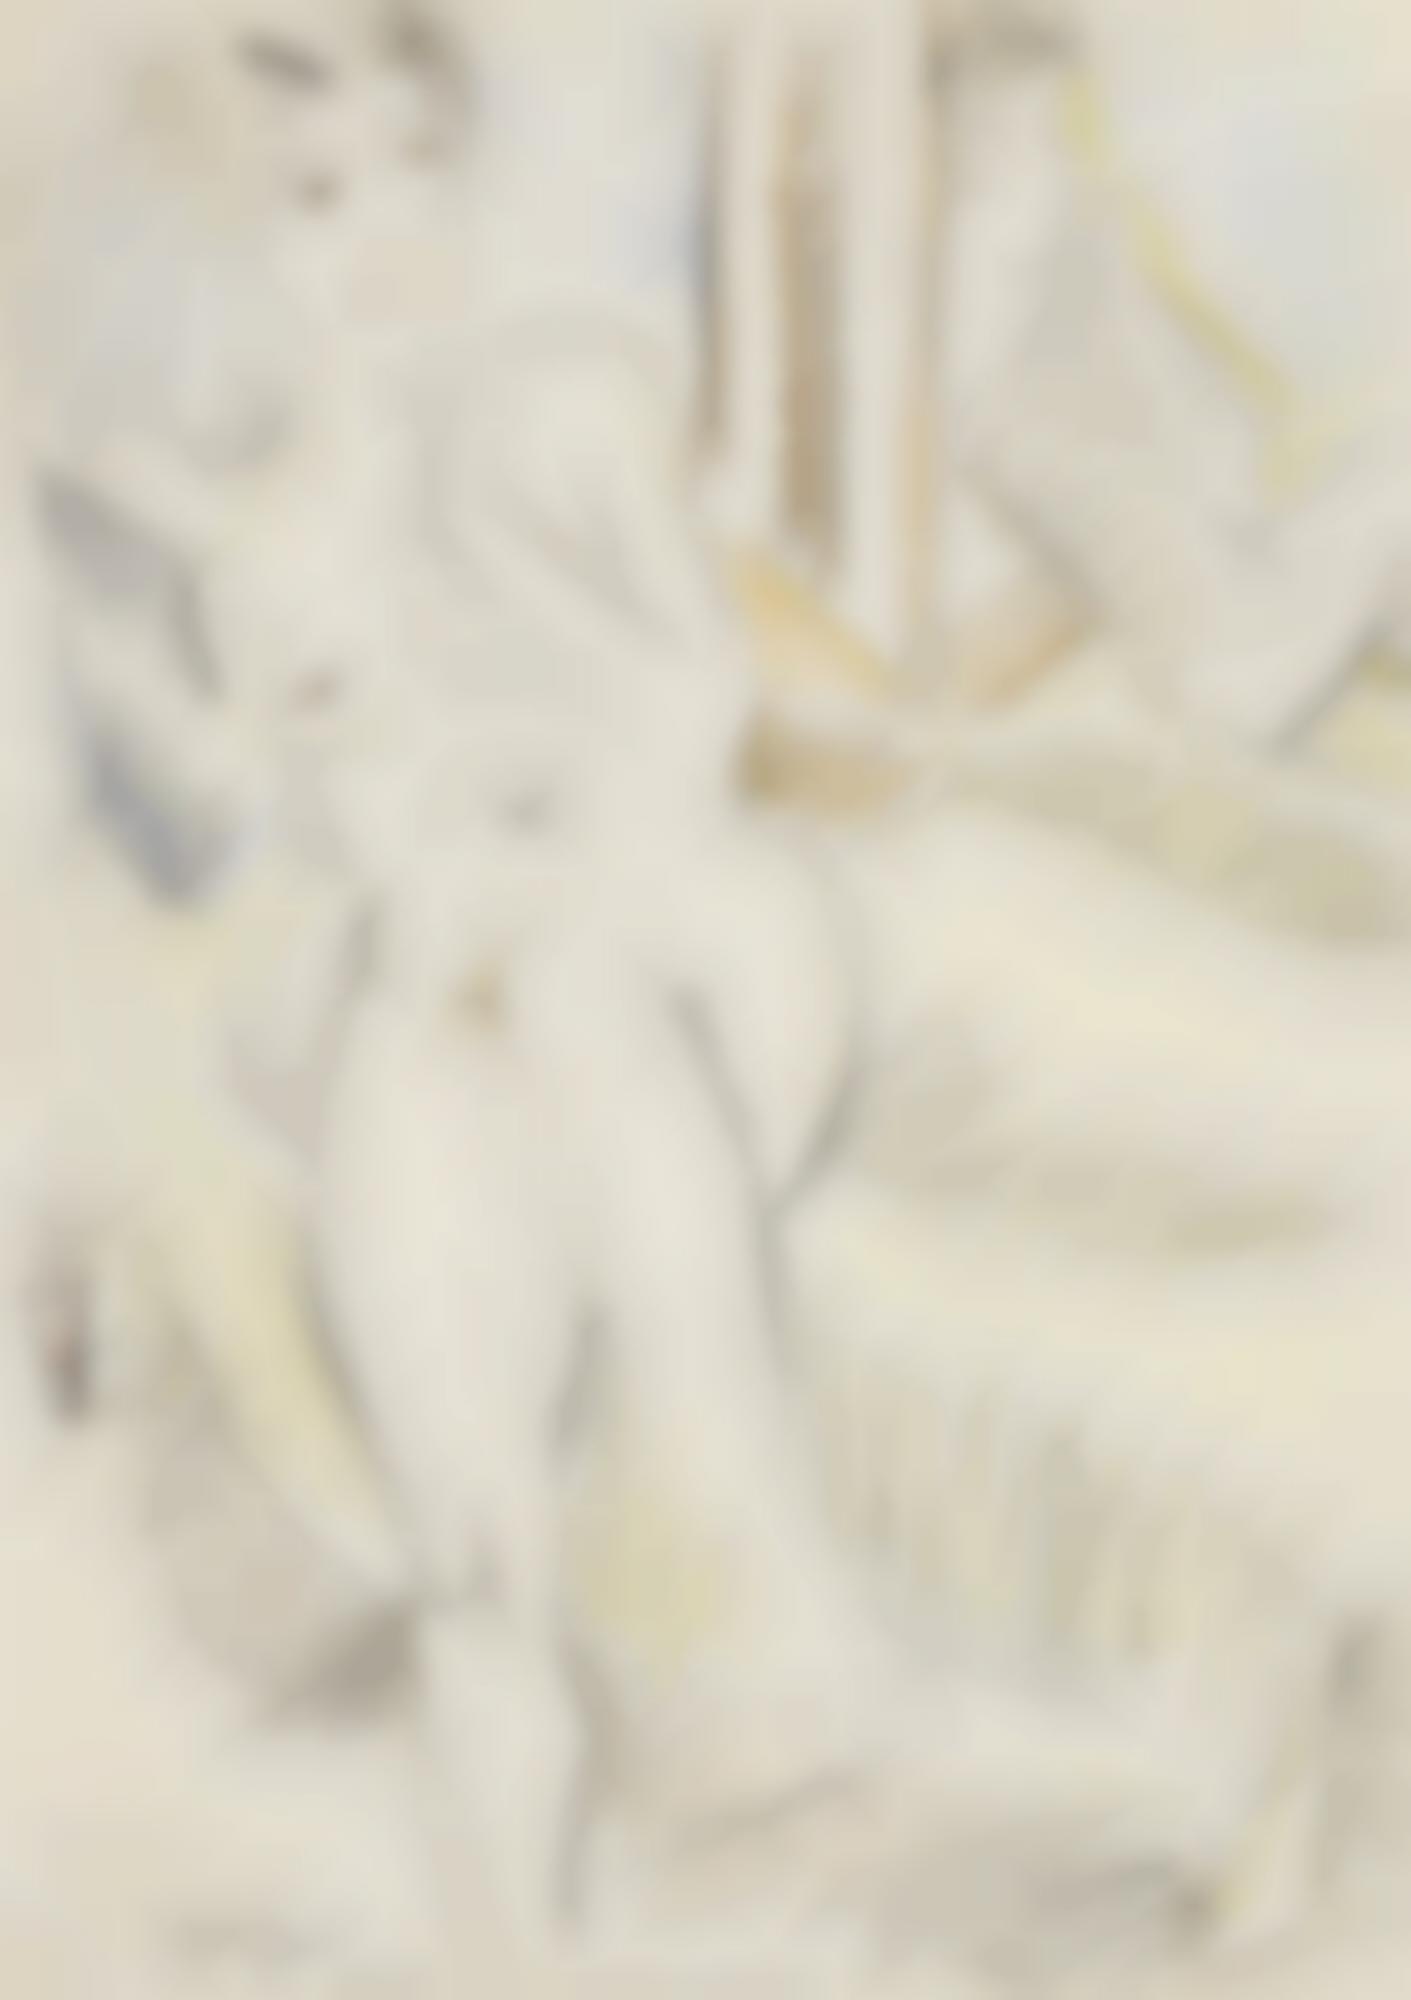 Max Pechstein-Akt Mit Spiegel (Nude With Mirror)-1920